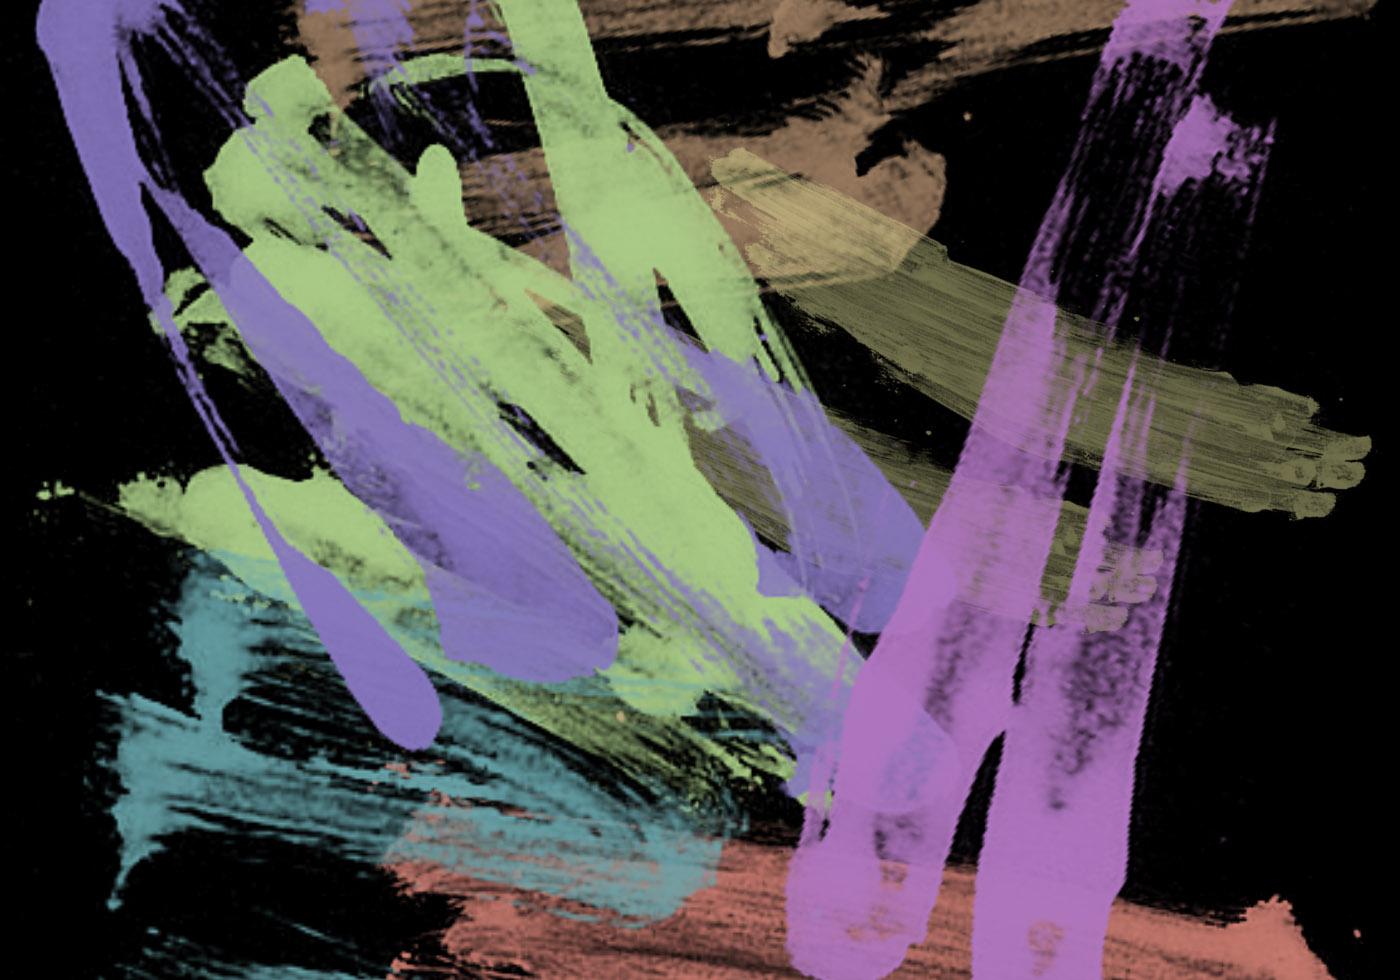 random paint strokes